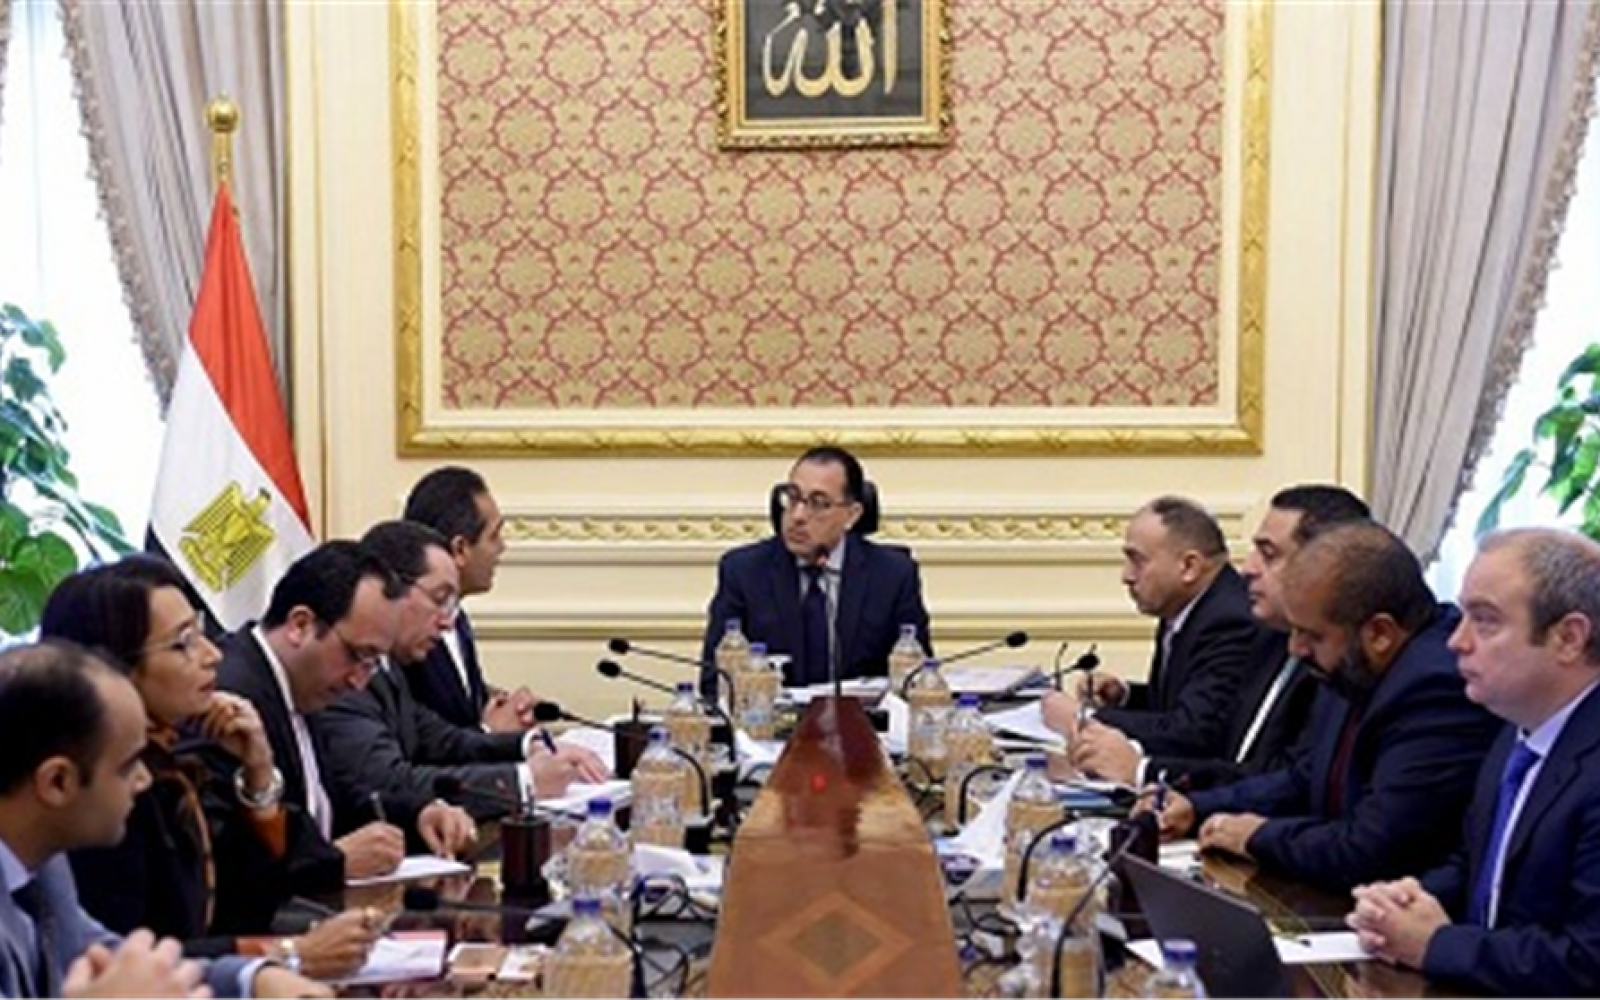 الحكومة المصرية تنفي أخبار تأجيل العام الدراسي القادم 2020 -2021